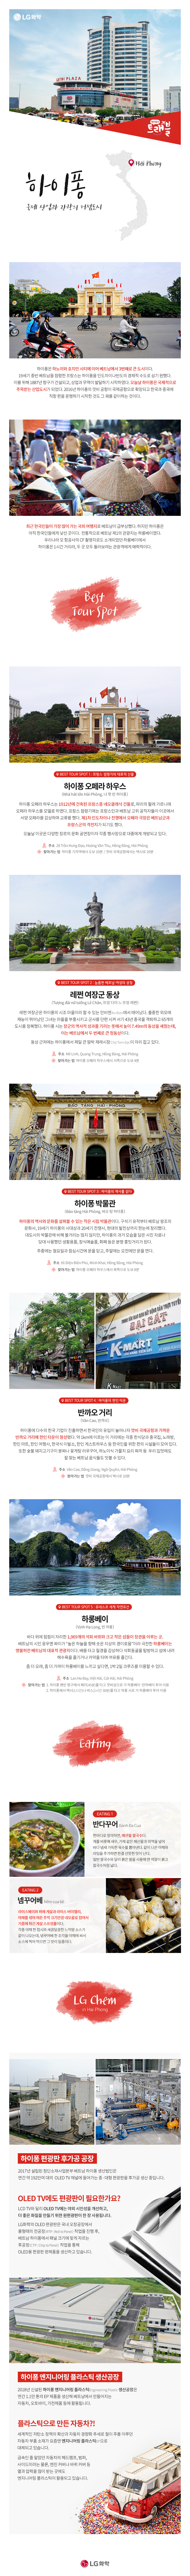 케미돋는 트래블 베트남 하이퐁 본문 최종